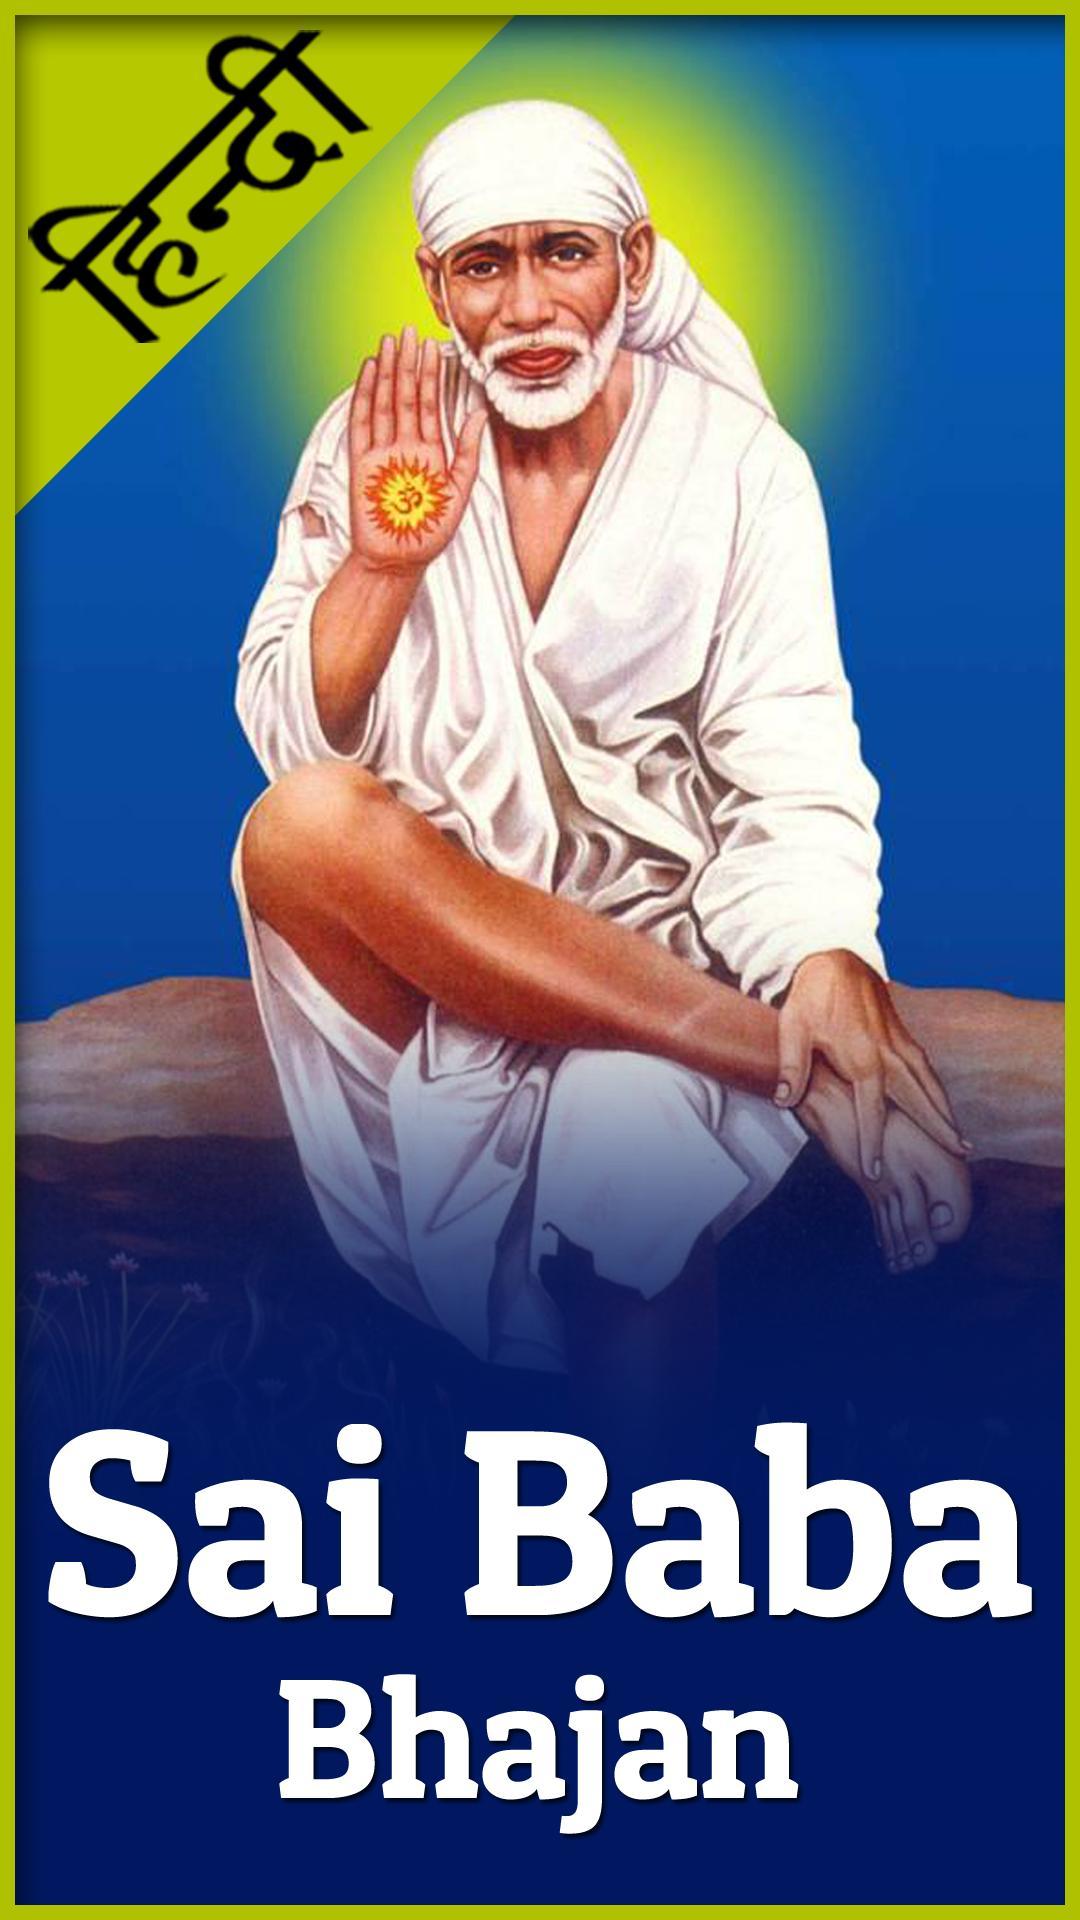 Hindi Bhajan: Sai Baba Bhajan for Android - APK Download